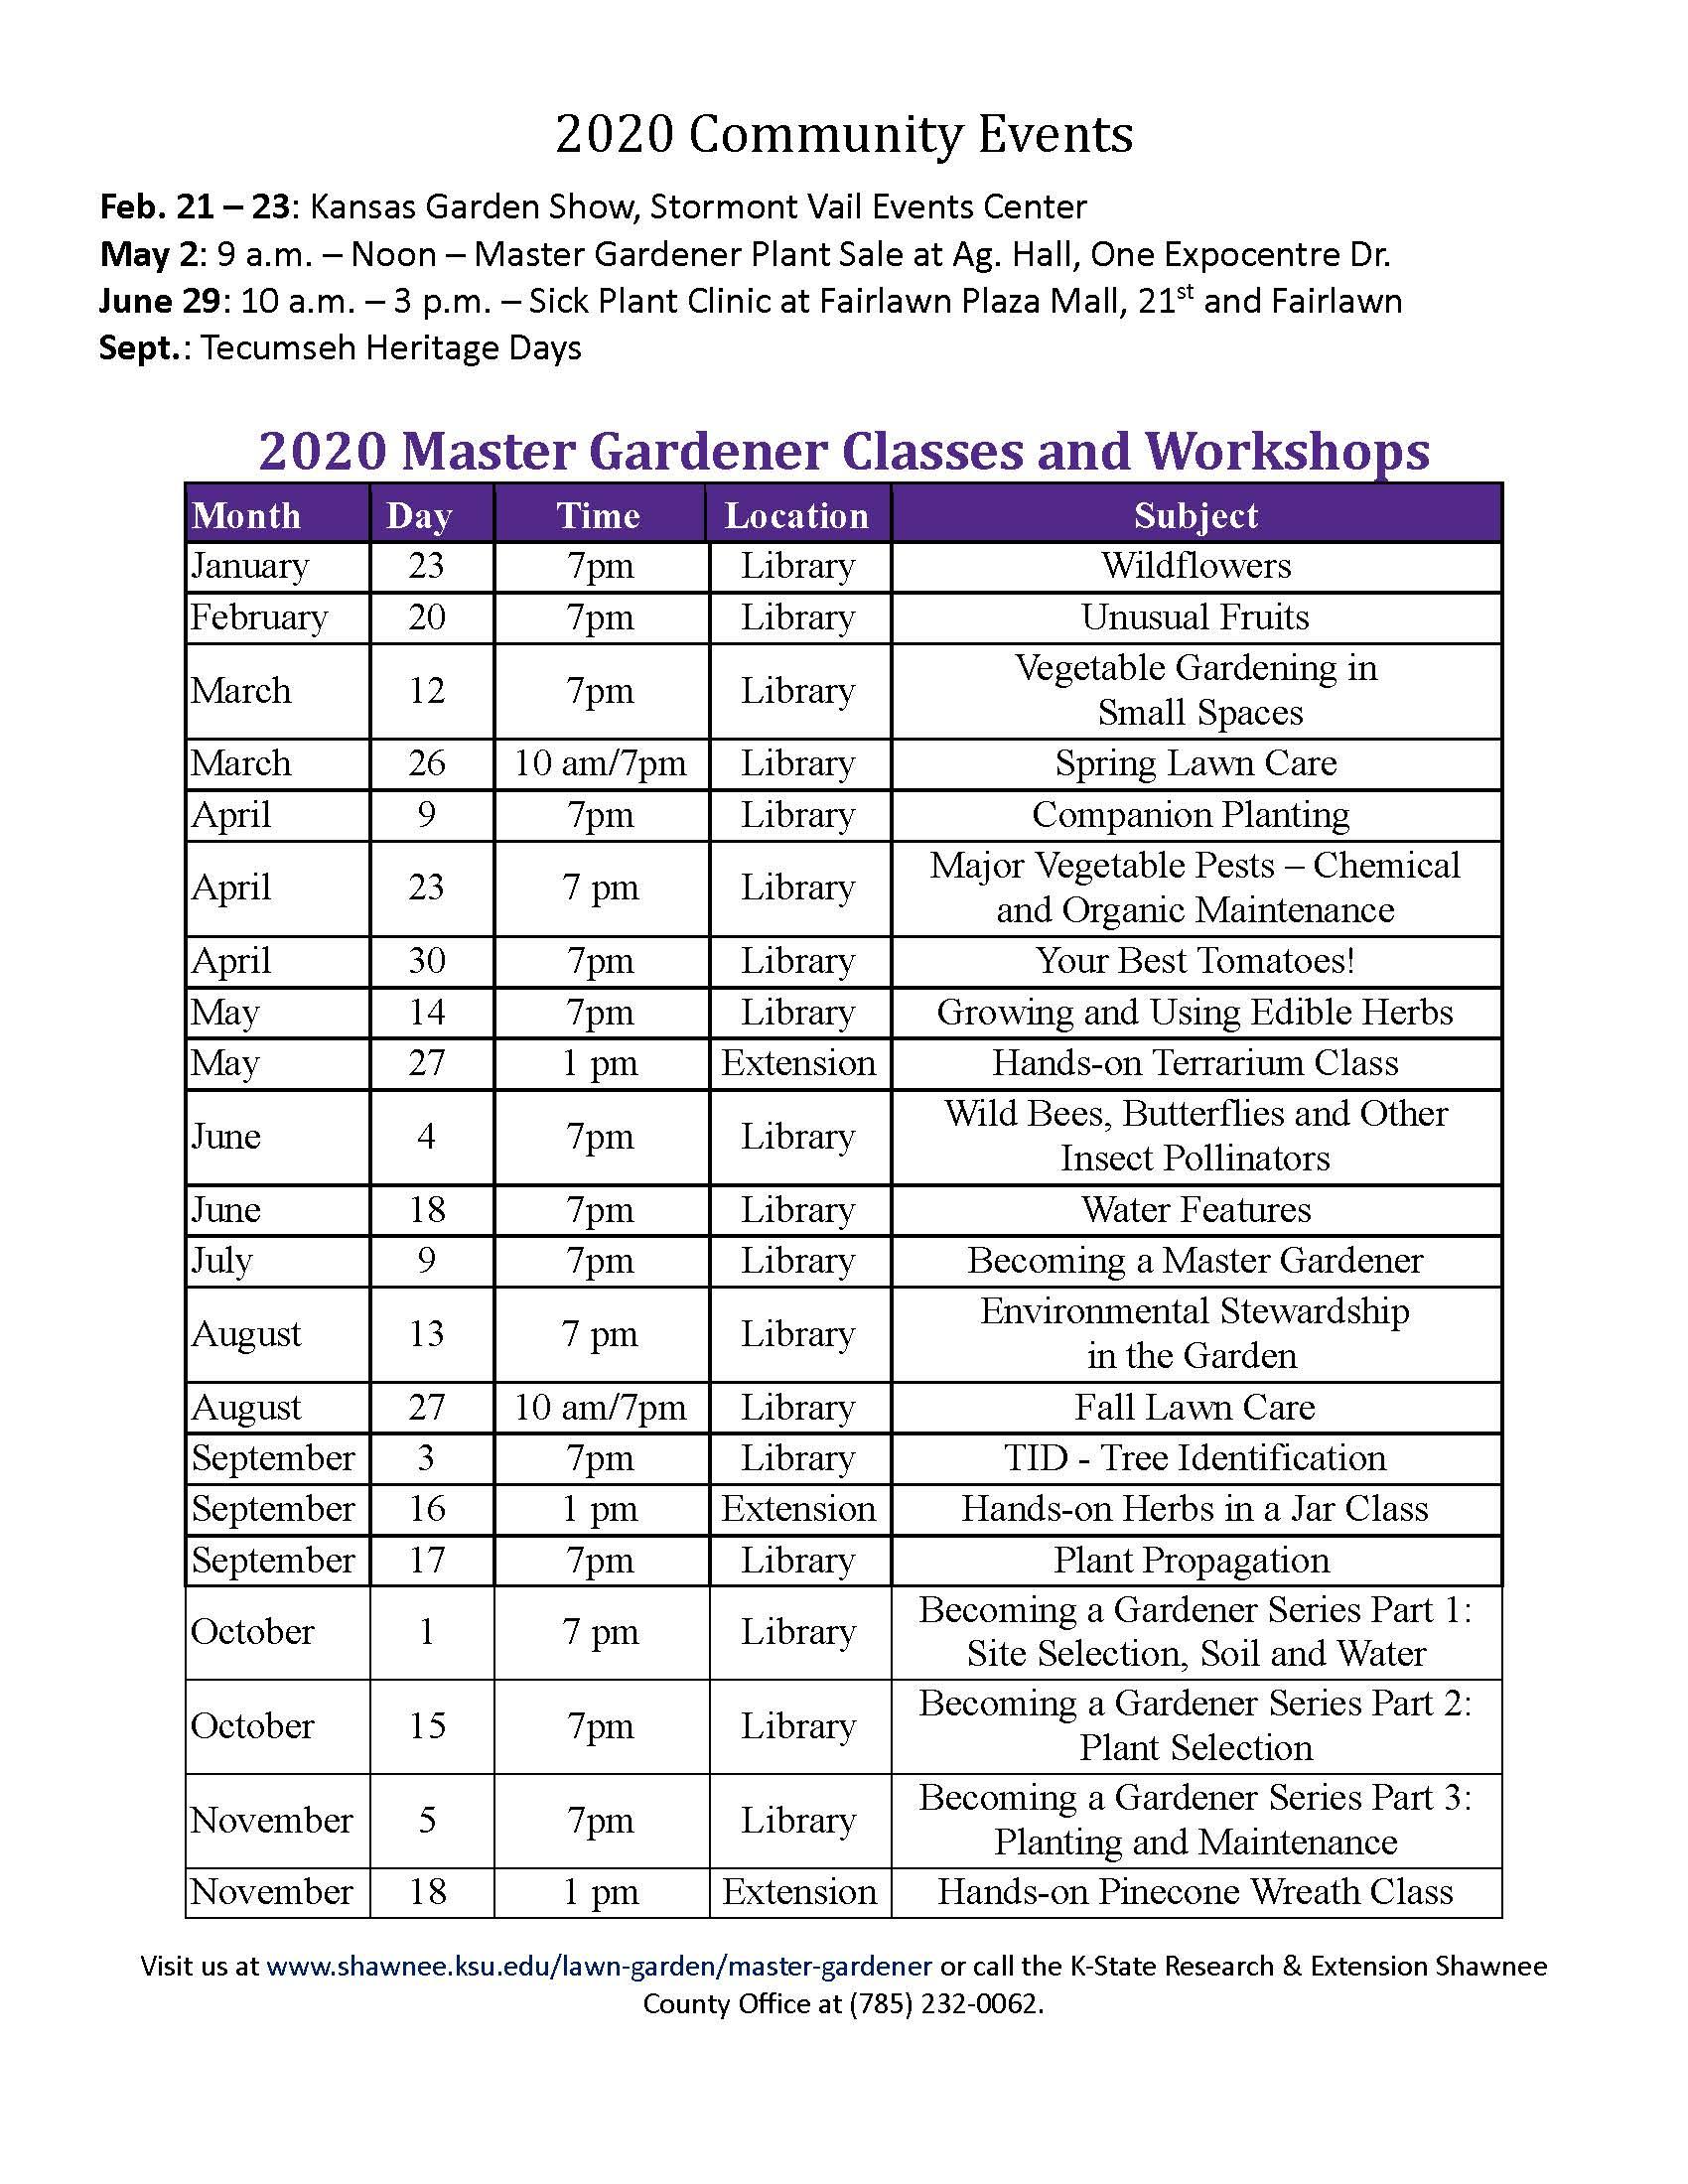 Public Events Calendar